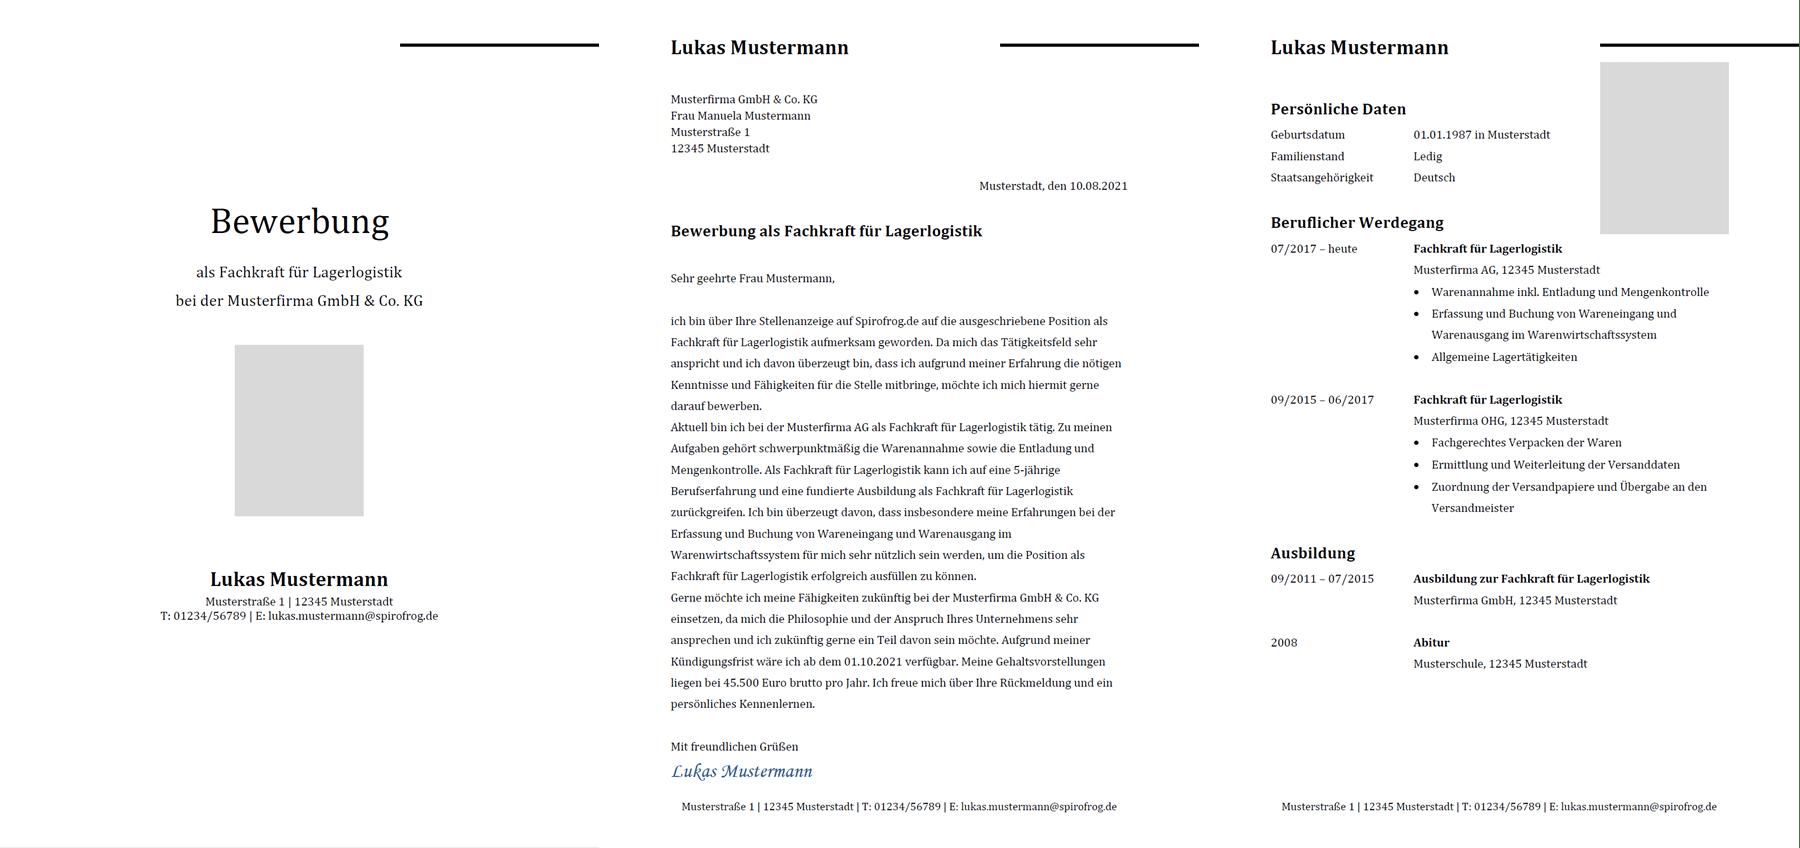 Vorlage / Muster: Bewerbung Fachkraft für Lagerlogistik